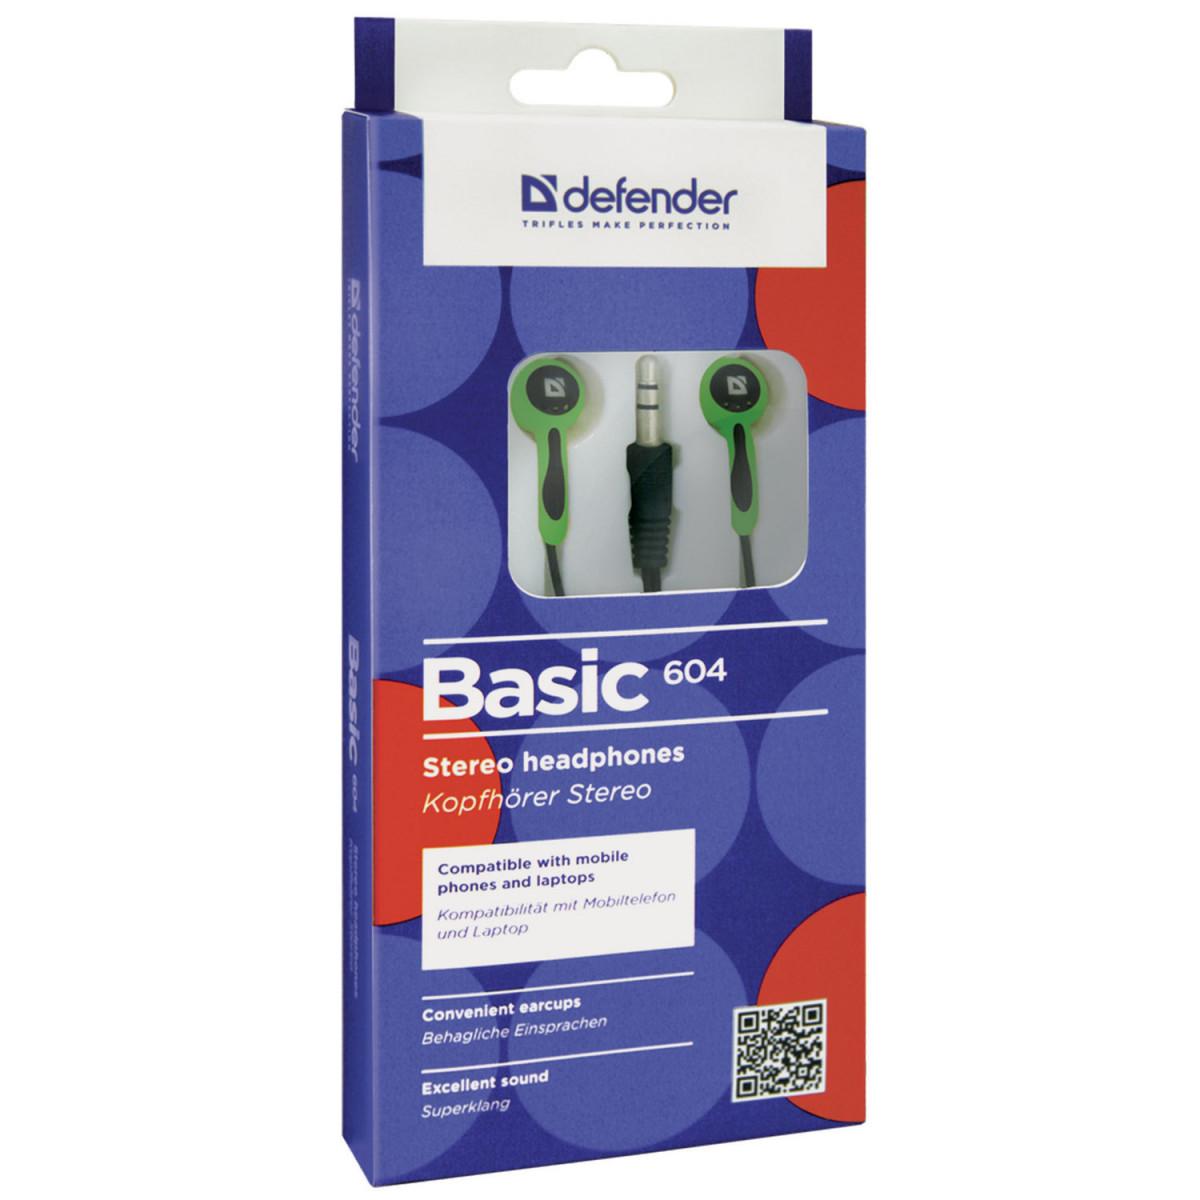 Наушники DEFENDER Basic 604, проводные, 1,2 м, вкладыши, черные с зеленым, 63607 (арт. 63607)